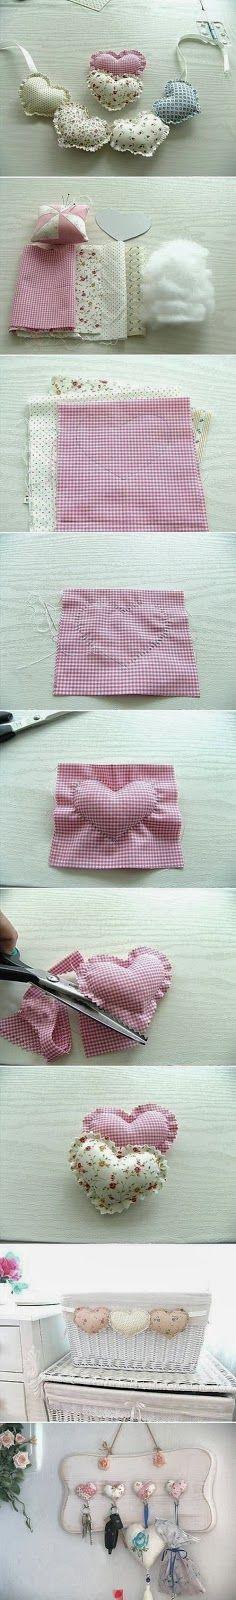 DIY Fabric Heart Pendant by wanda Sewing Hacks, Sewing Crafts, Sewing Projects, Diy Projects, Sewing Ideas, Felt Crafts, Diy Crafts, Fabric Hearts, Creation Deco